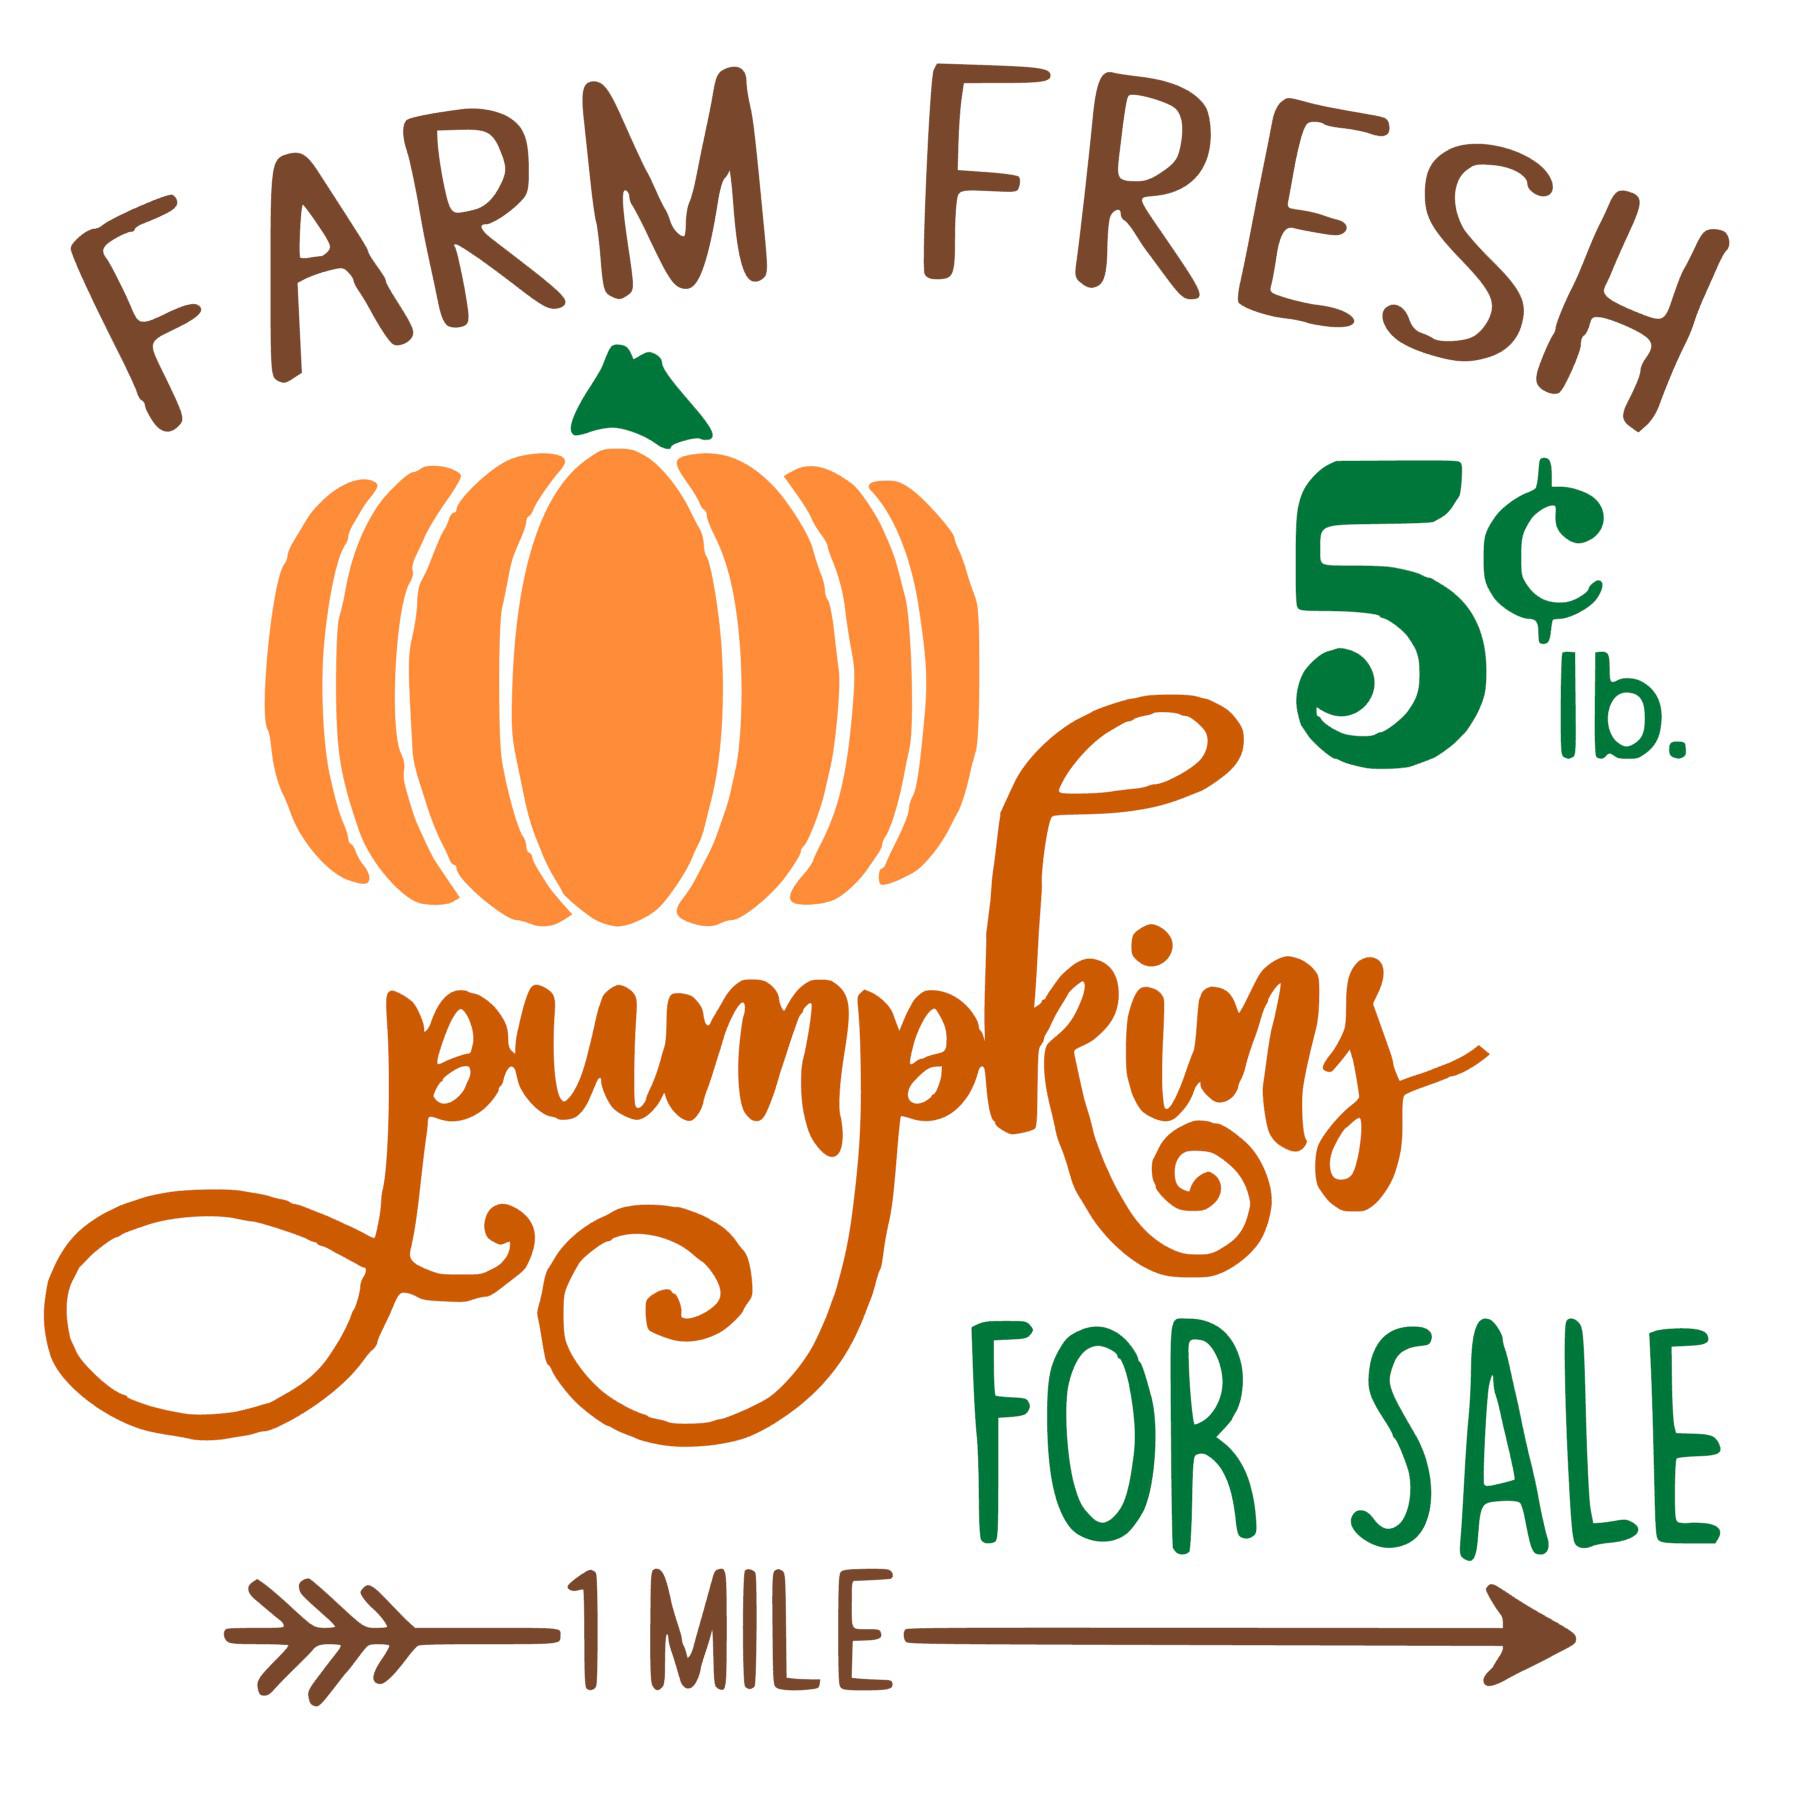 Free Vintage Pumpkin Sign file. jpg, png, studio3 svg